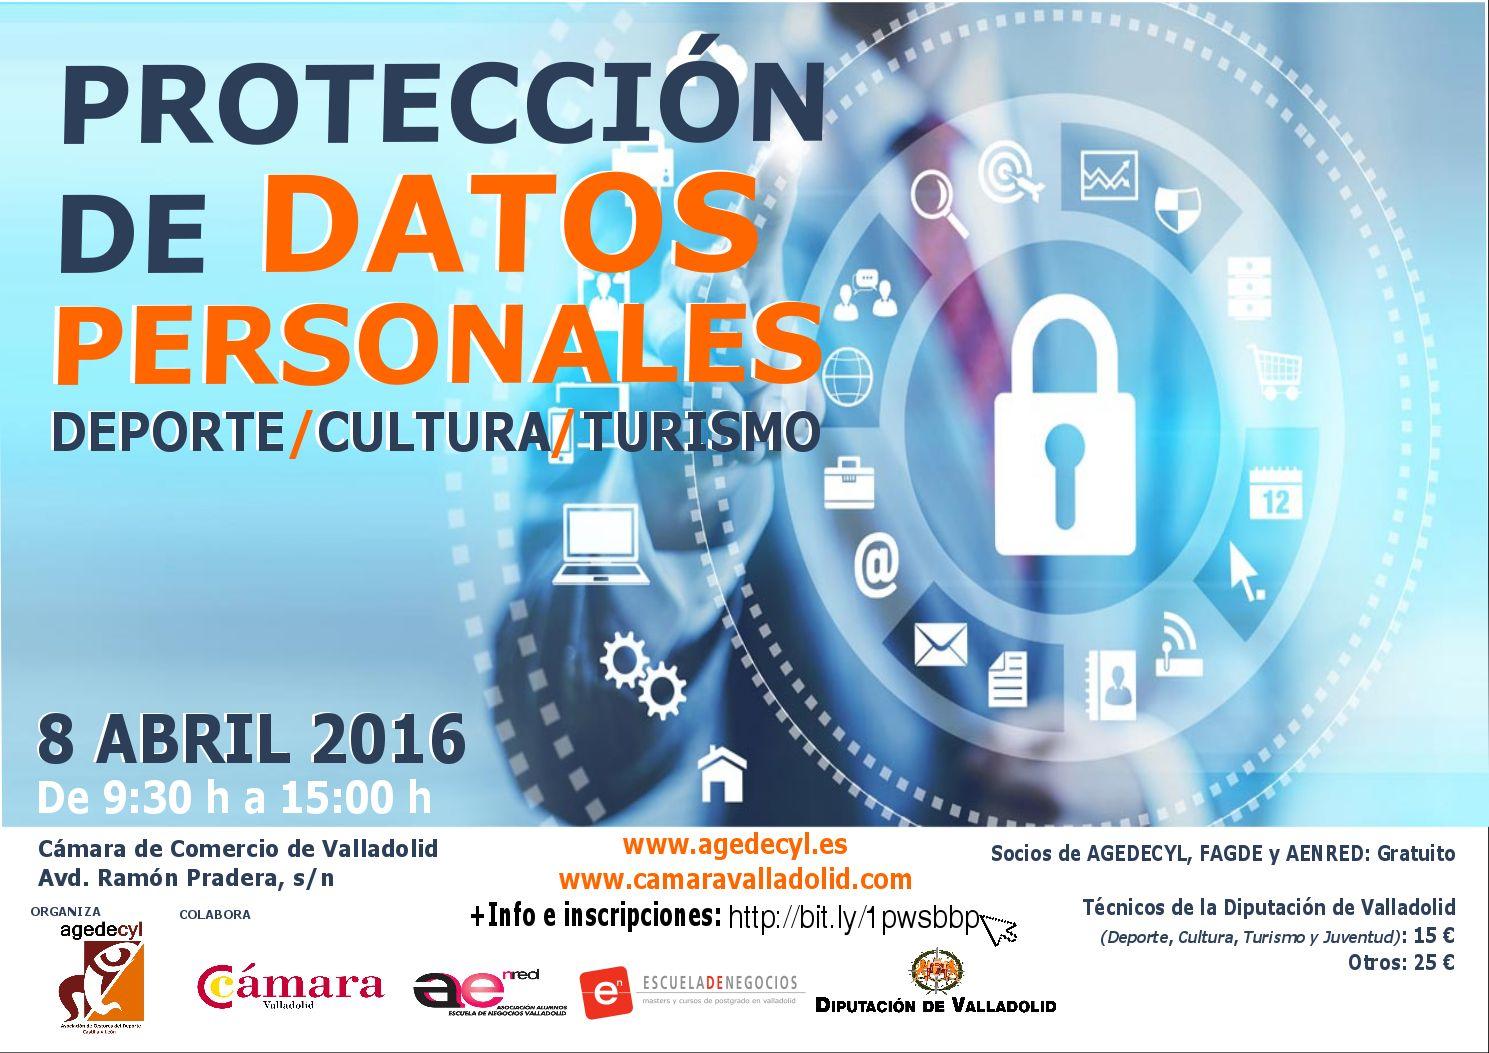 Protecci n de datos personales en el mbito de la gesti n for Oficina proteccion datos